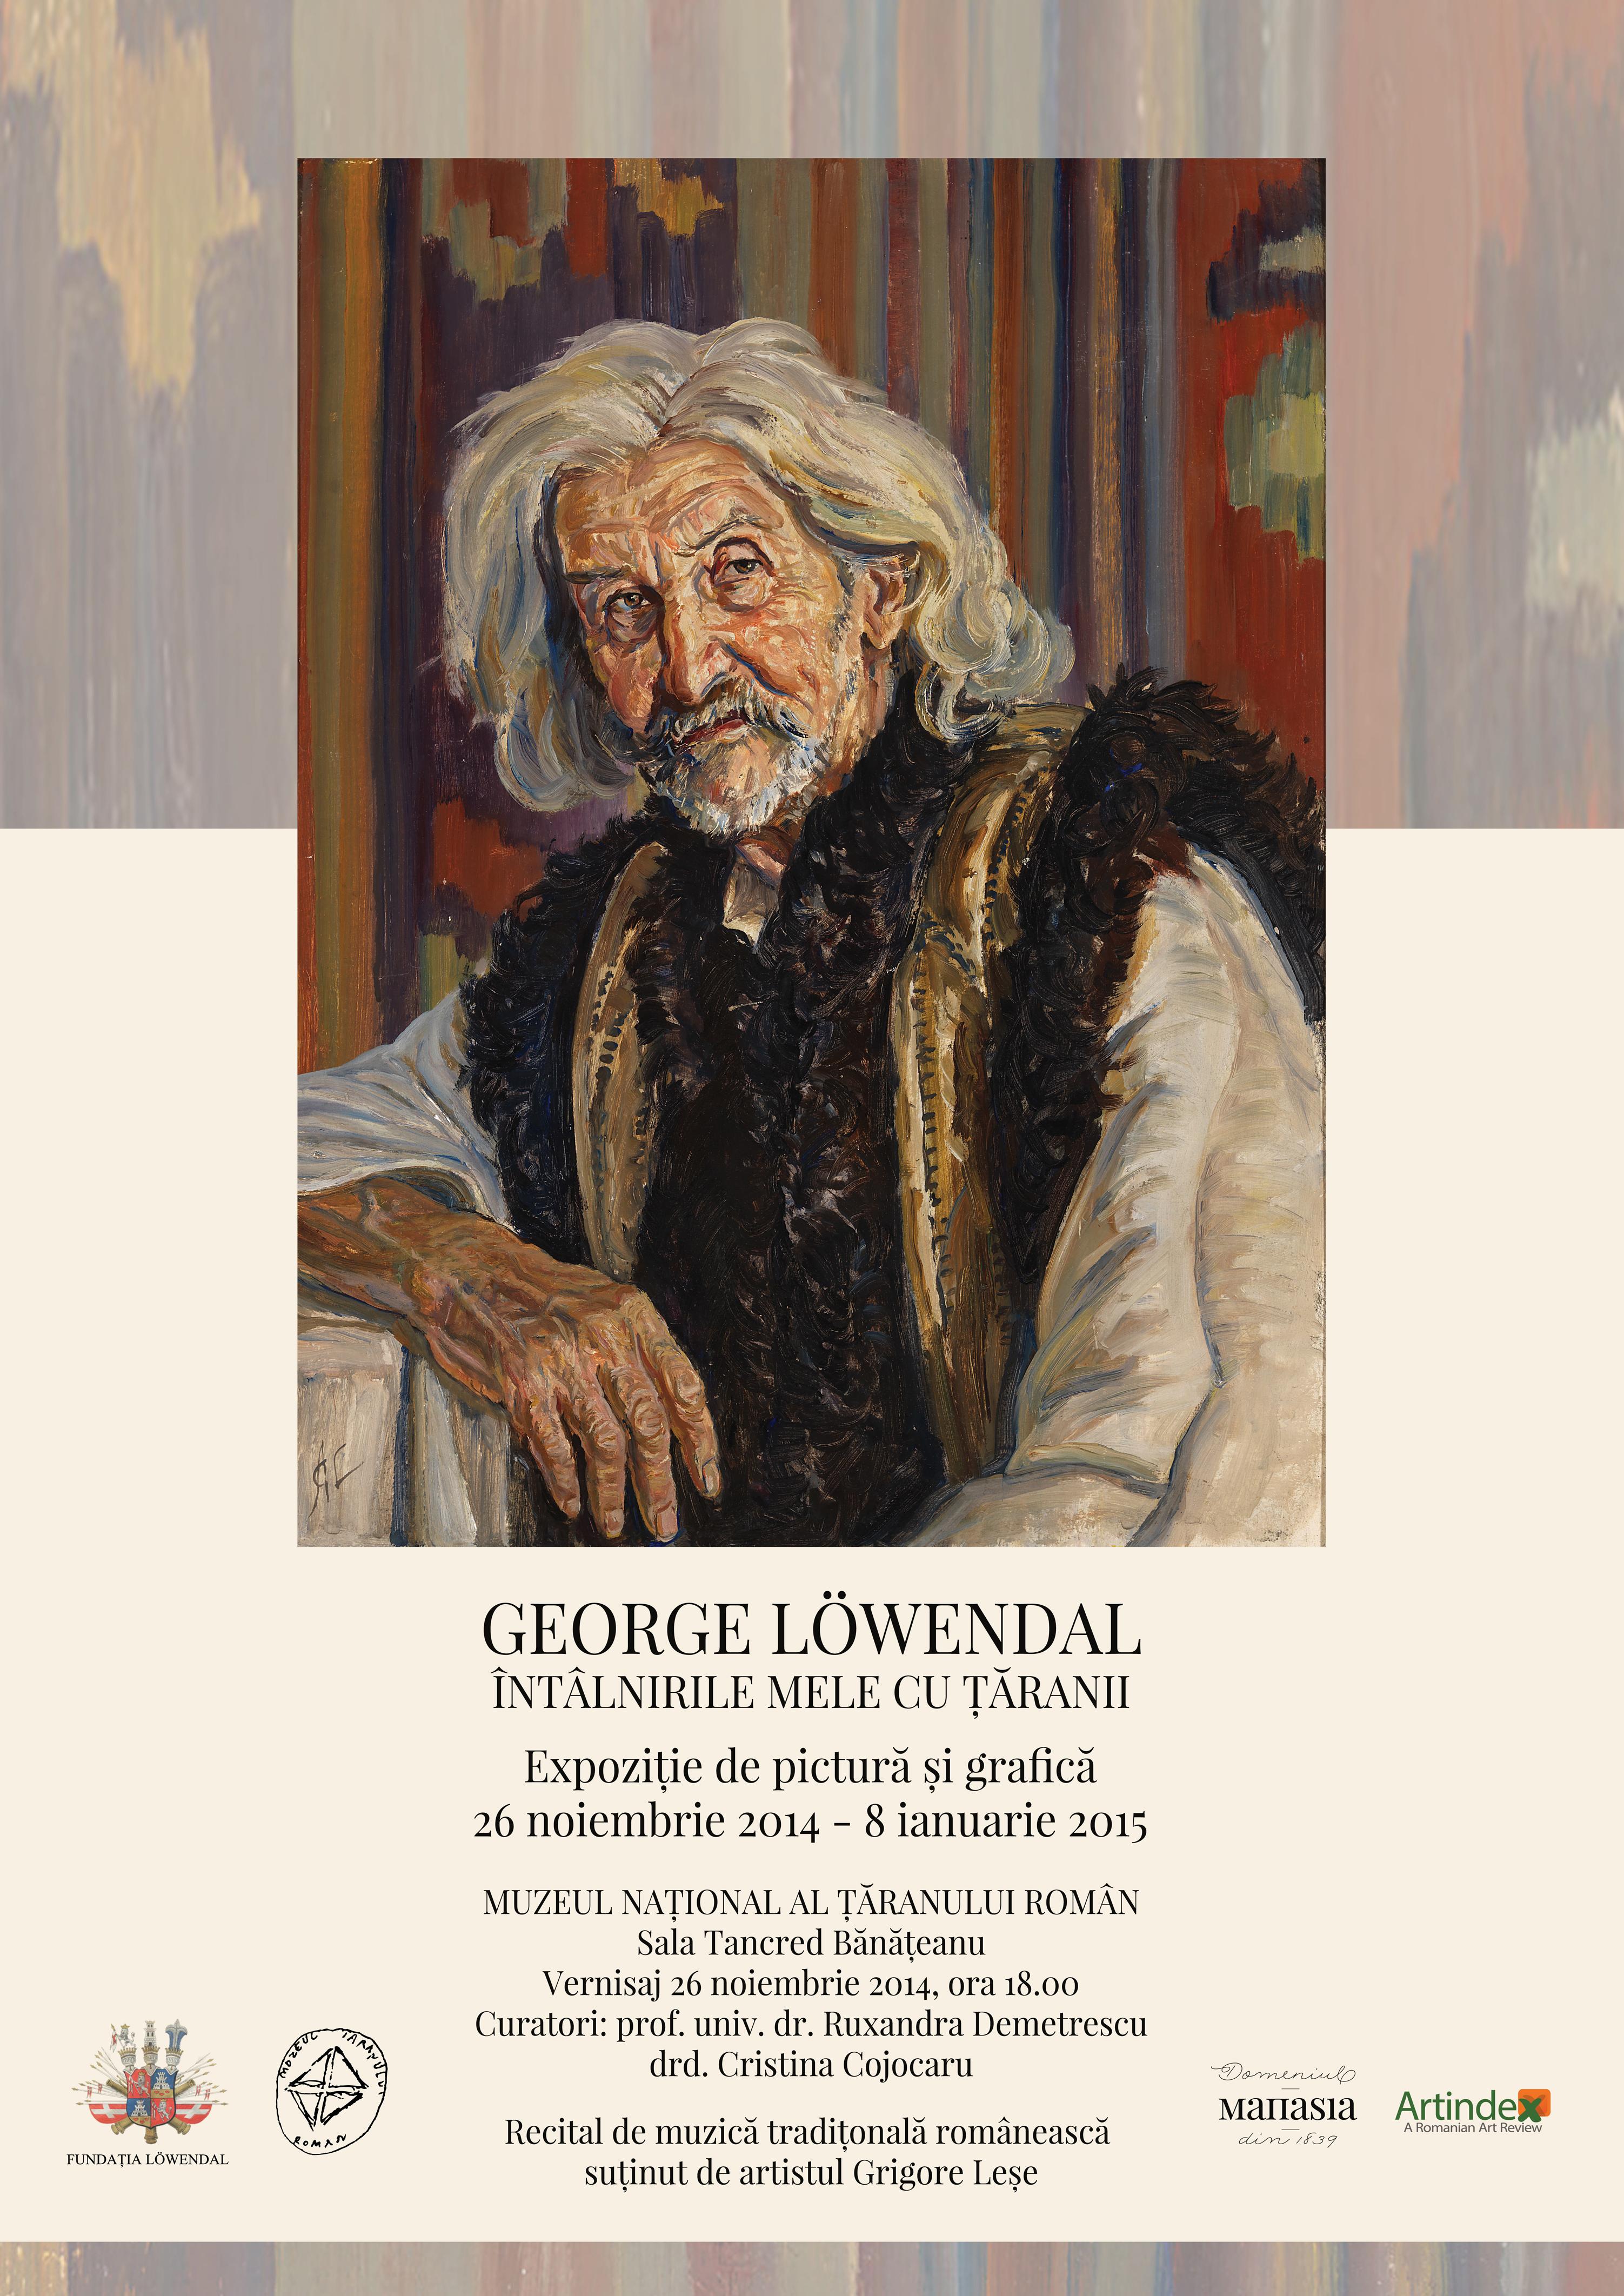 """,,Întâlnirile mele cu țăranii"""", portrete unice în pictura românească modernă, semnate de artistul George Löwendal"""